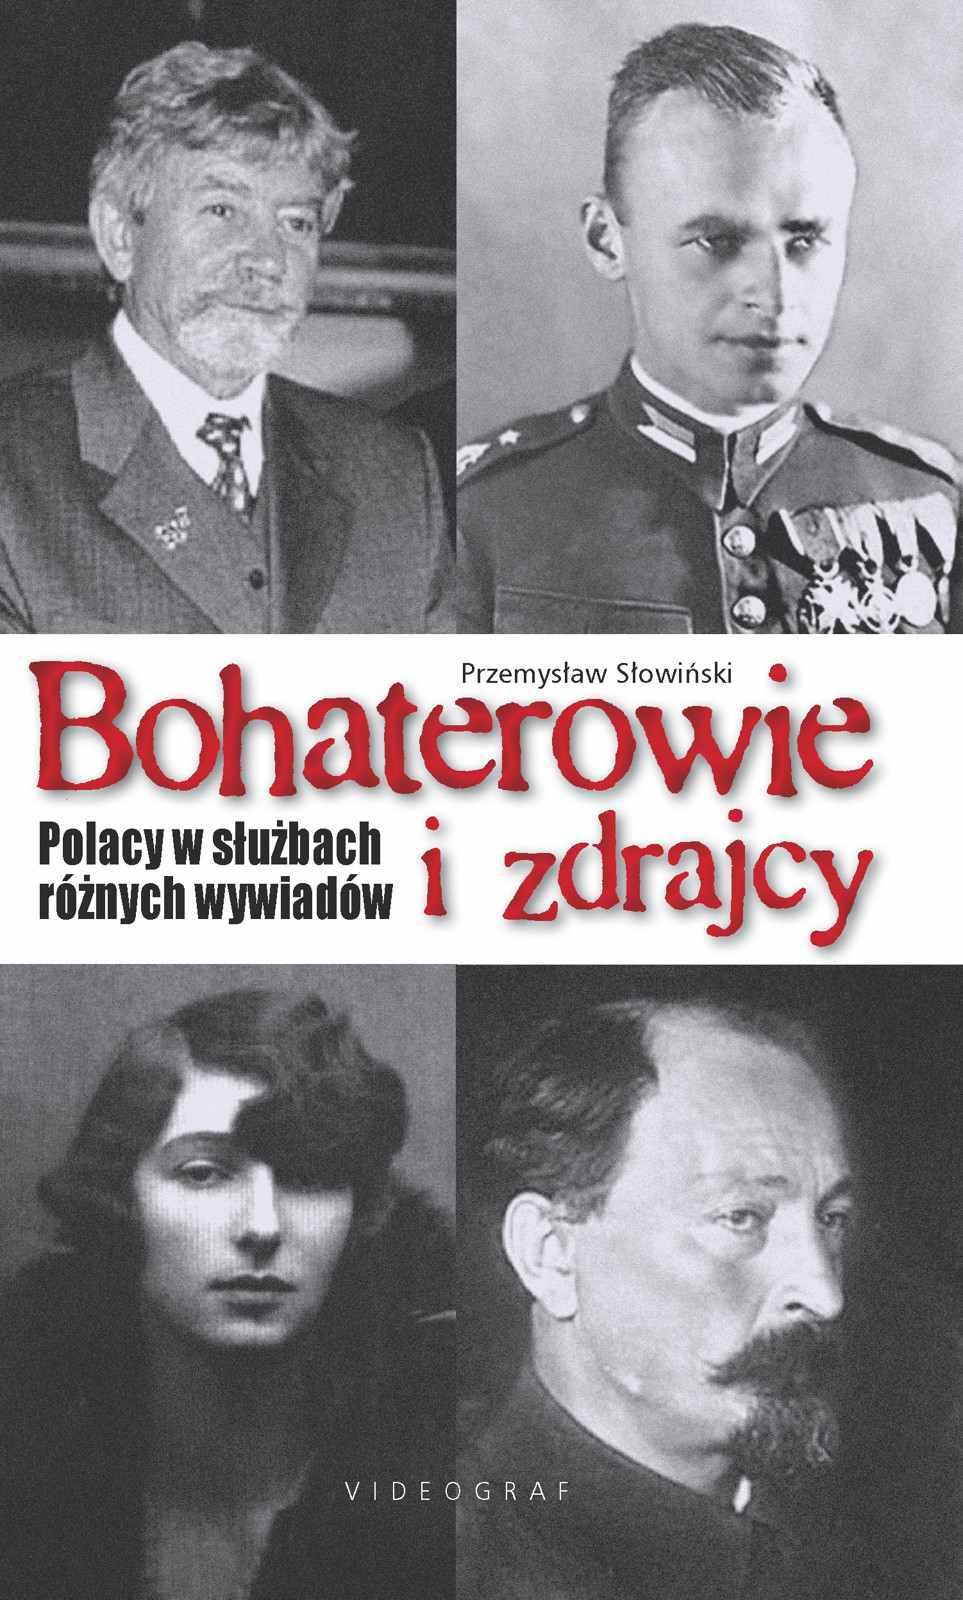 Bohaterowie i zdrajcy. Polacy w służbach różnych wywiadów - Ebook (Książka na Kindle) do pobrania w formacie MOBI